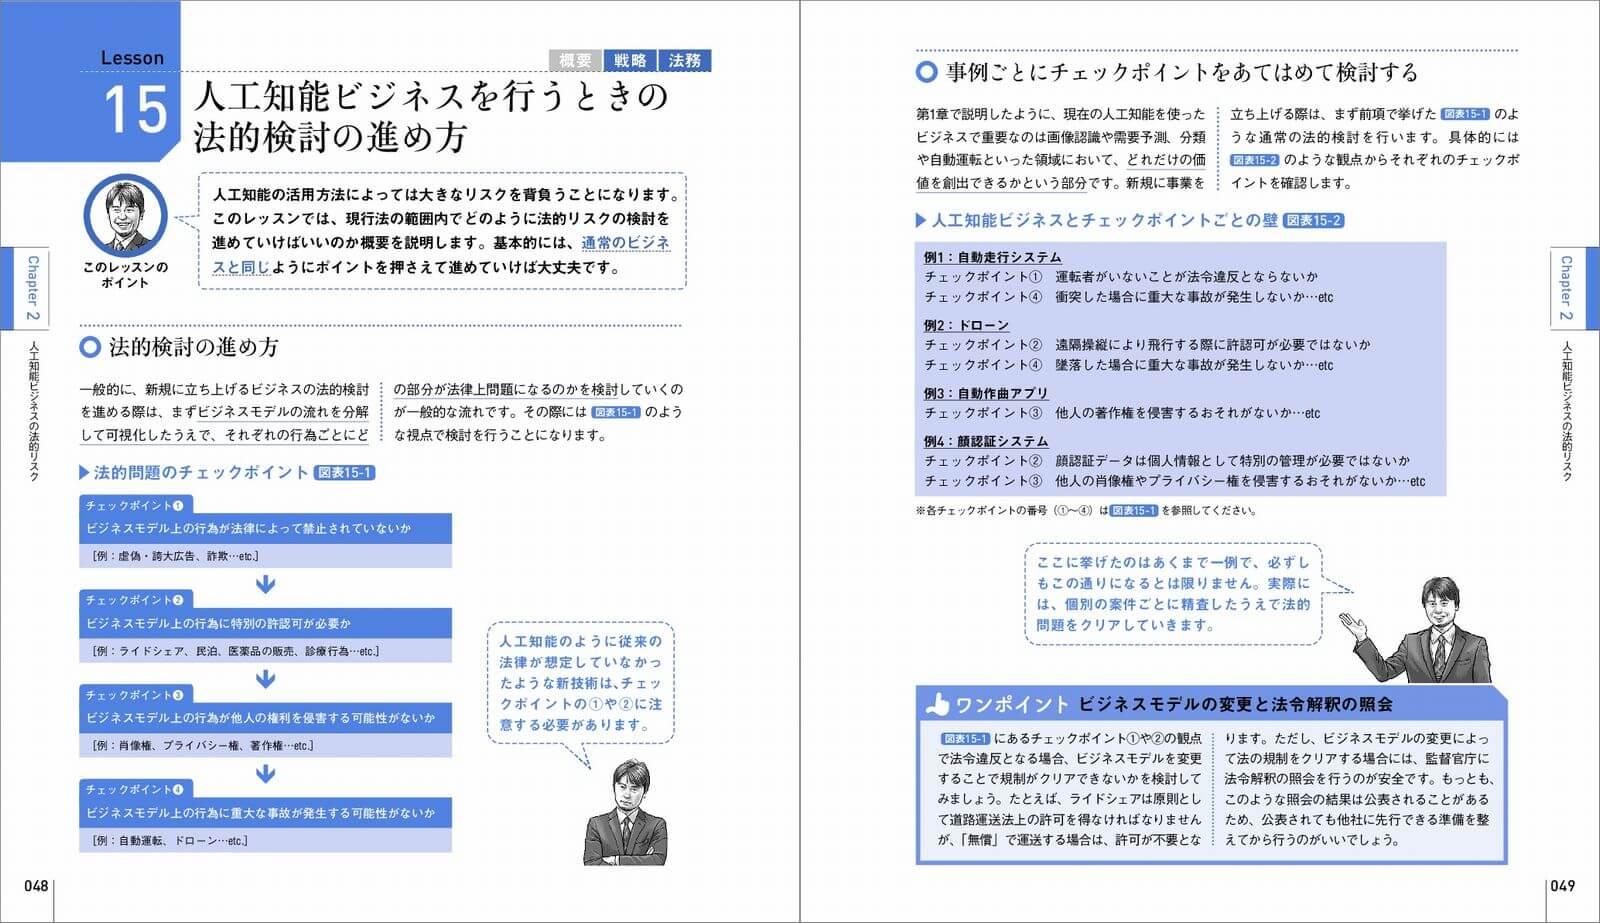 「いちばんやさしい人工知能ビジネスの教本 人気講師が教えるAI・機械学習の事業化」紙面イメージ(1)